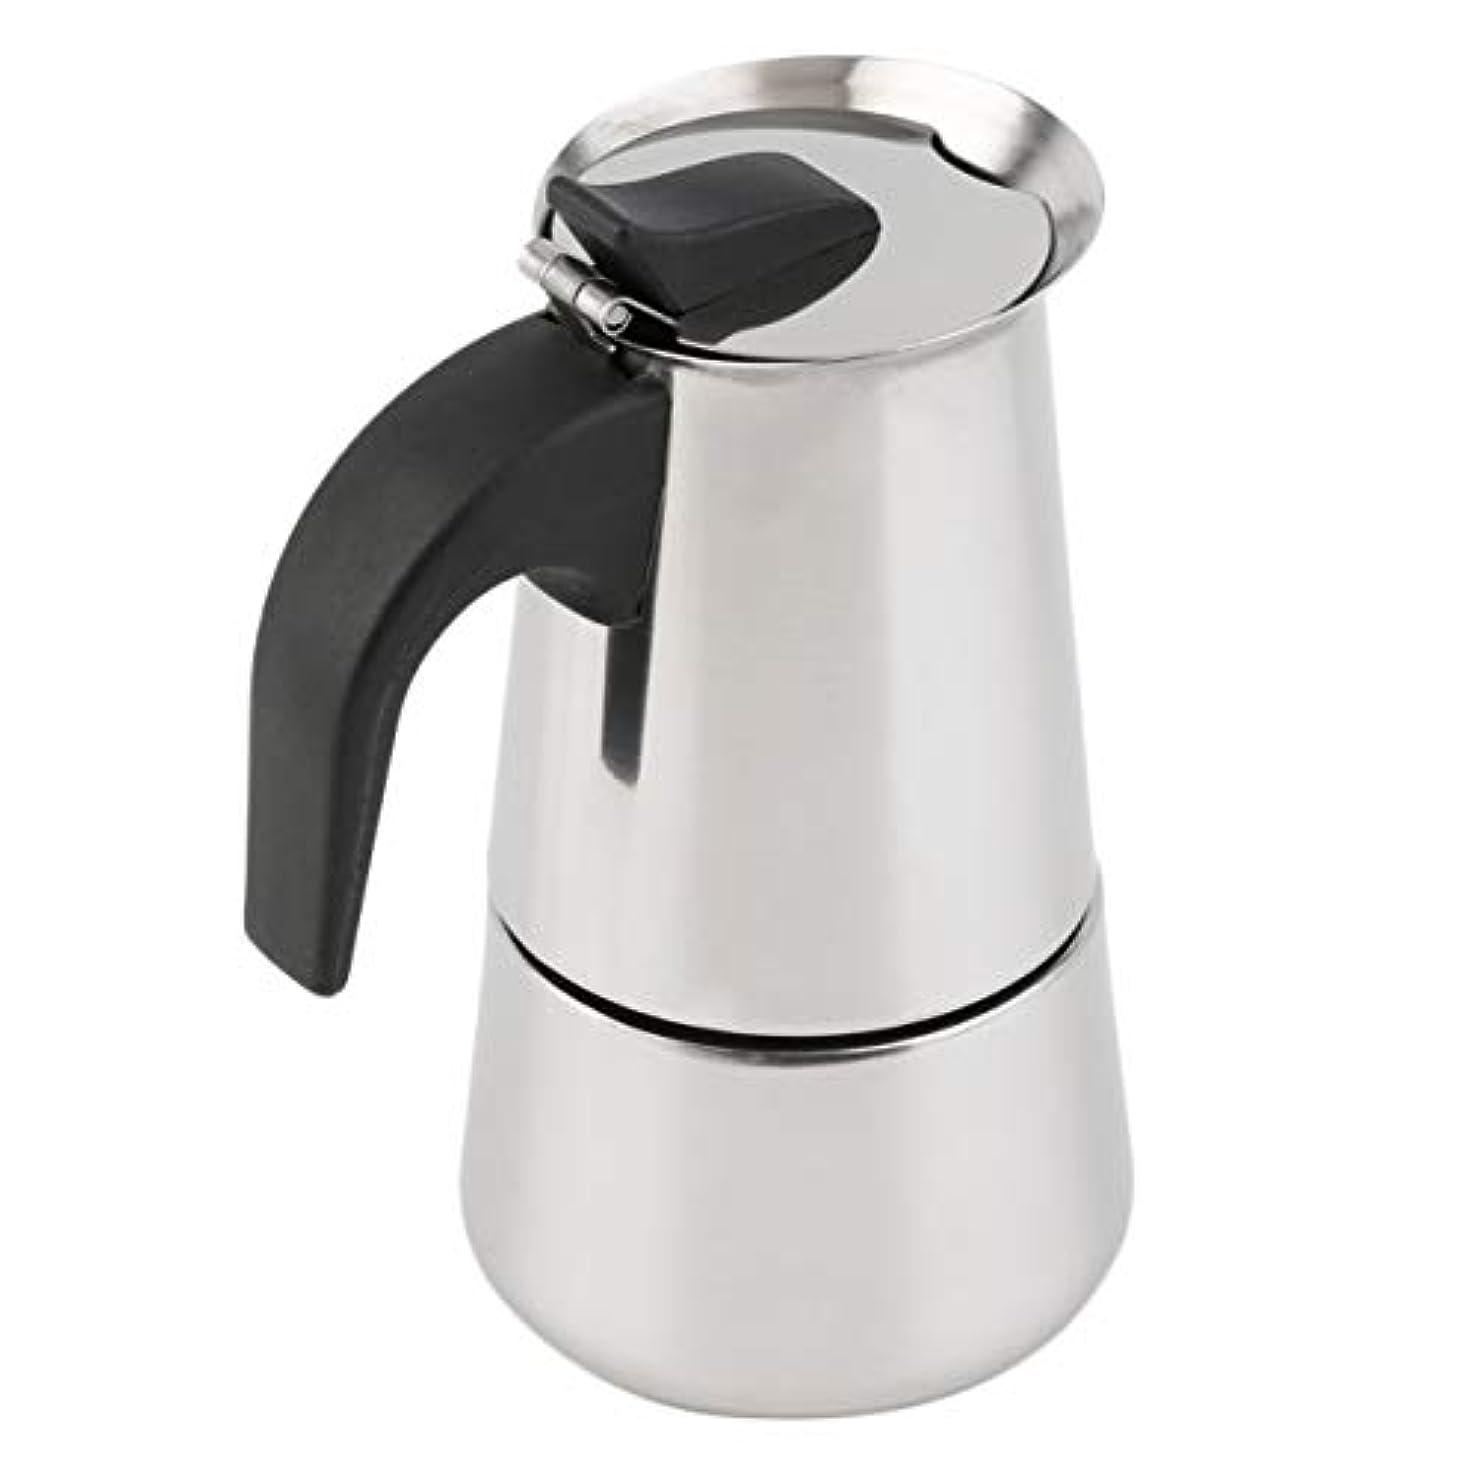 ユーモア到着キャベツSaikogoods 2/4/6カップパーコレーターストーブトップのコーヒーメーカーモカエスプレッソラテステンレスポットホット販売 銀 6カップ